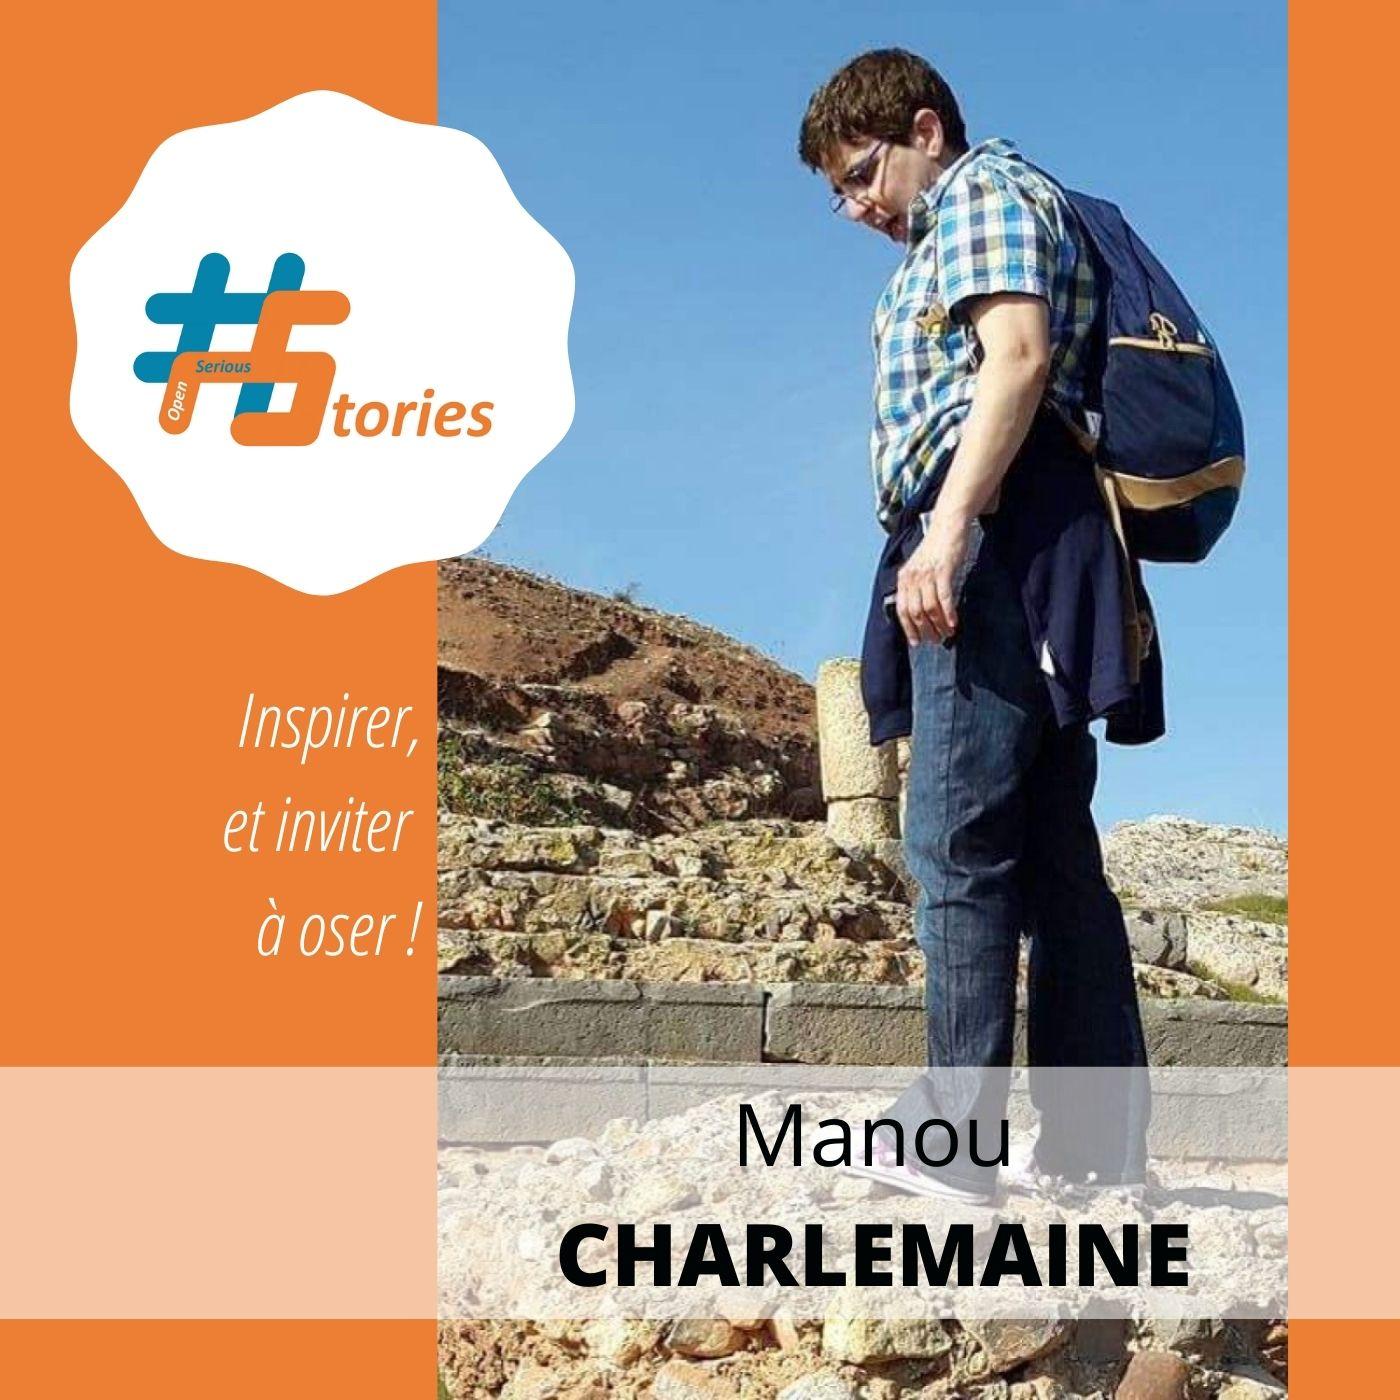 Le retour d'expérience d'une joueuse : Manou Charlemaine [Podcast – 11min]